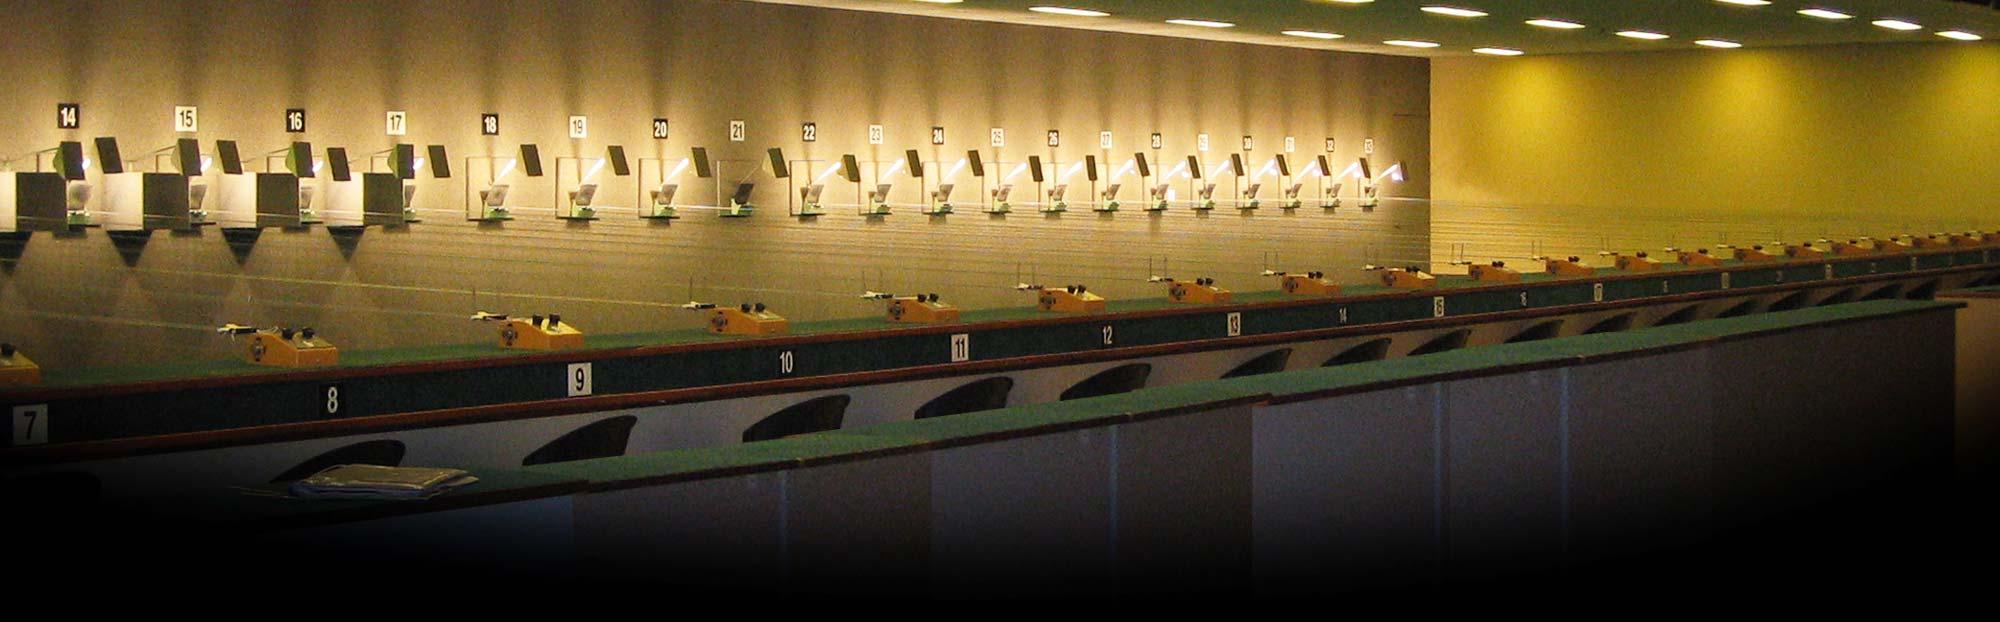 Shooting Club 1370px X 385px